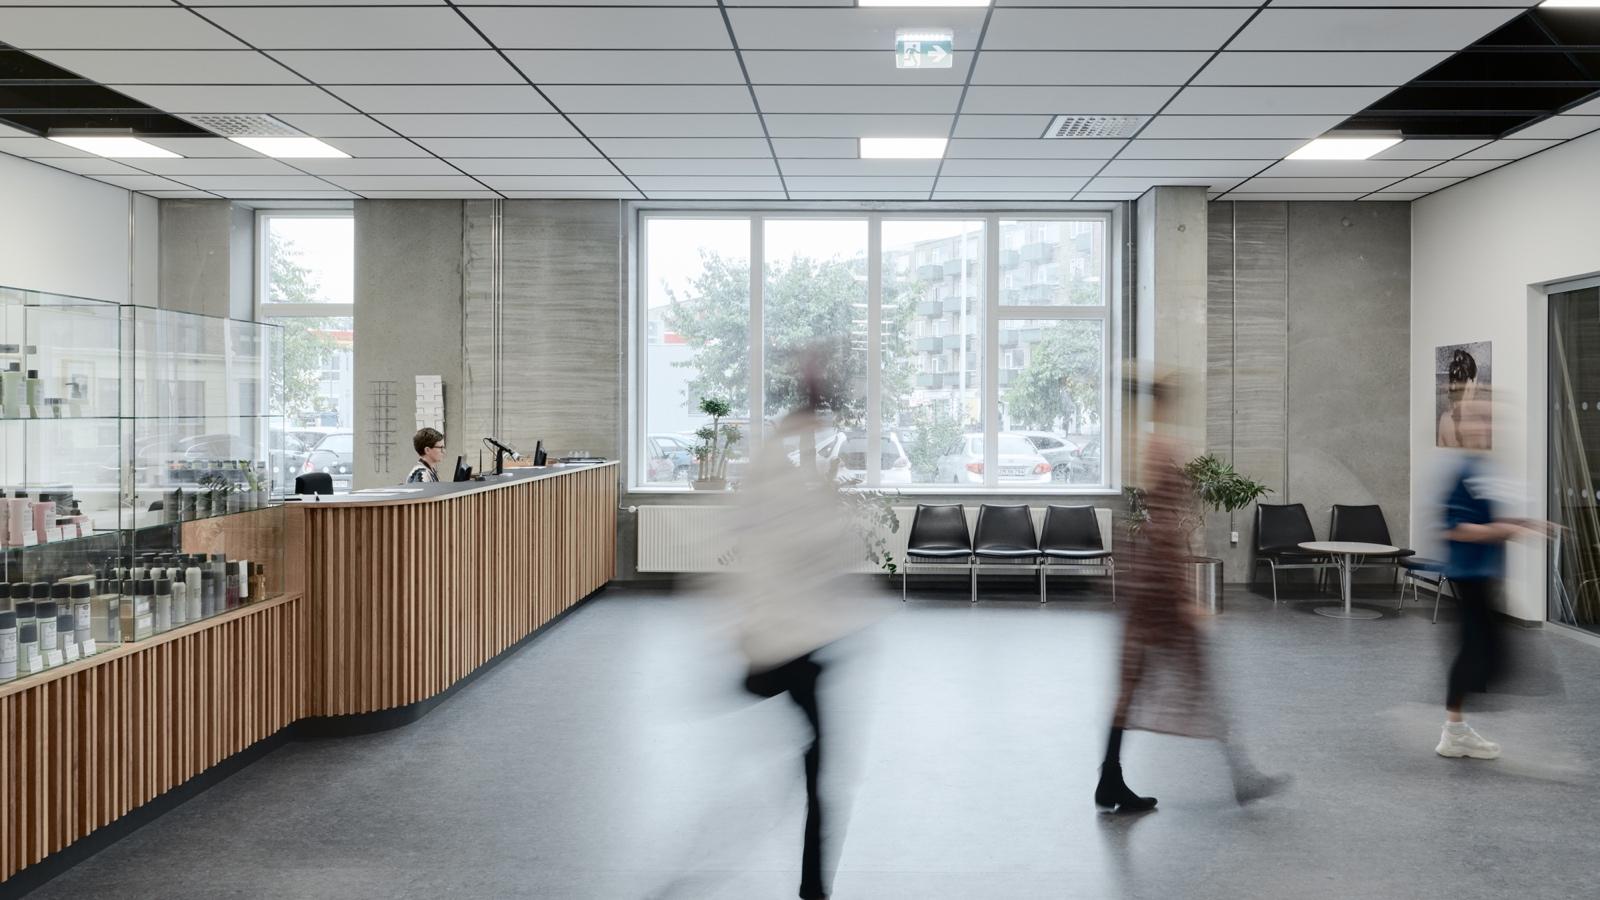 Erhvervsskole: Frisørs- og Kosmetikerskolen – NEXT Uddannelse København (reception, montre, venteområde) uddannelseslokaler